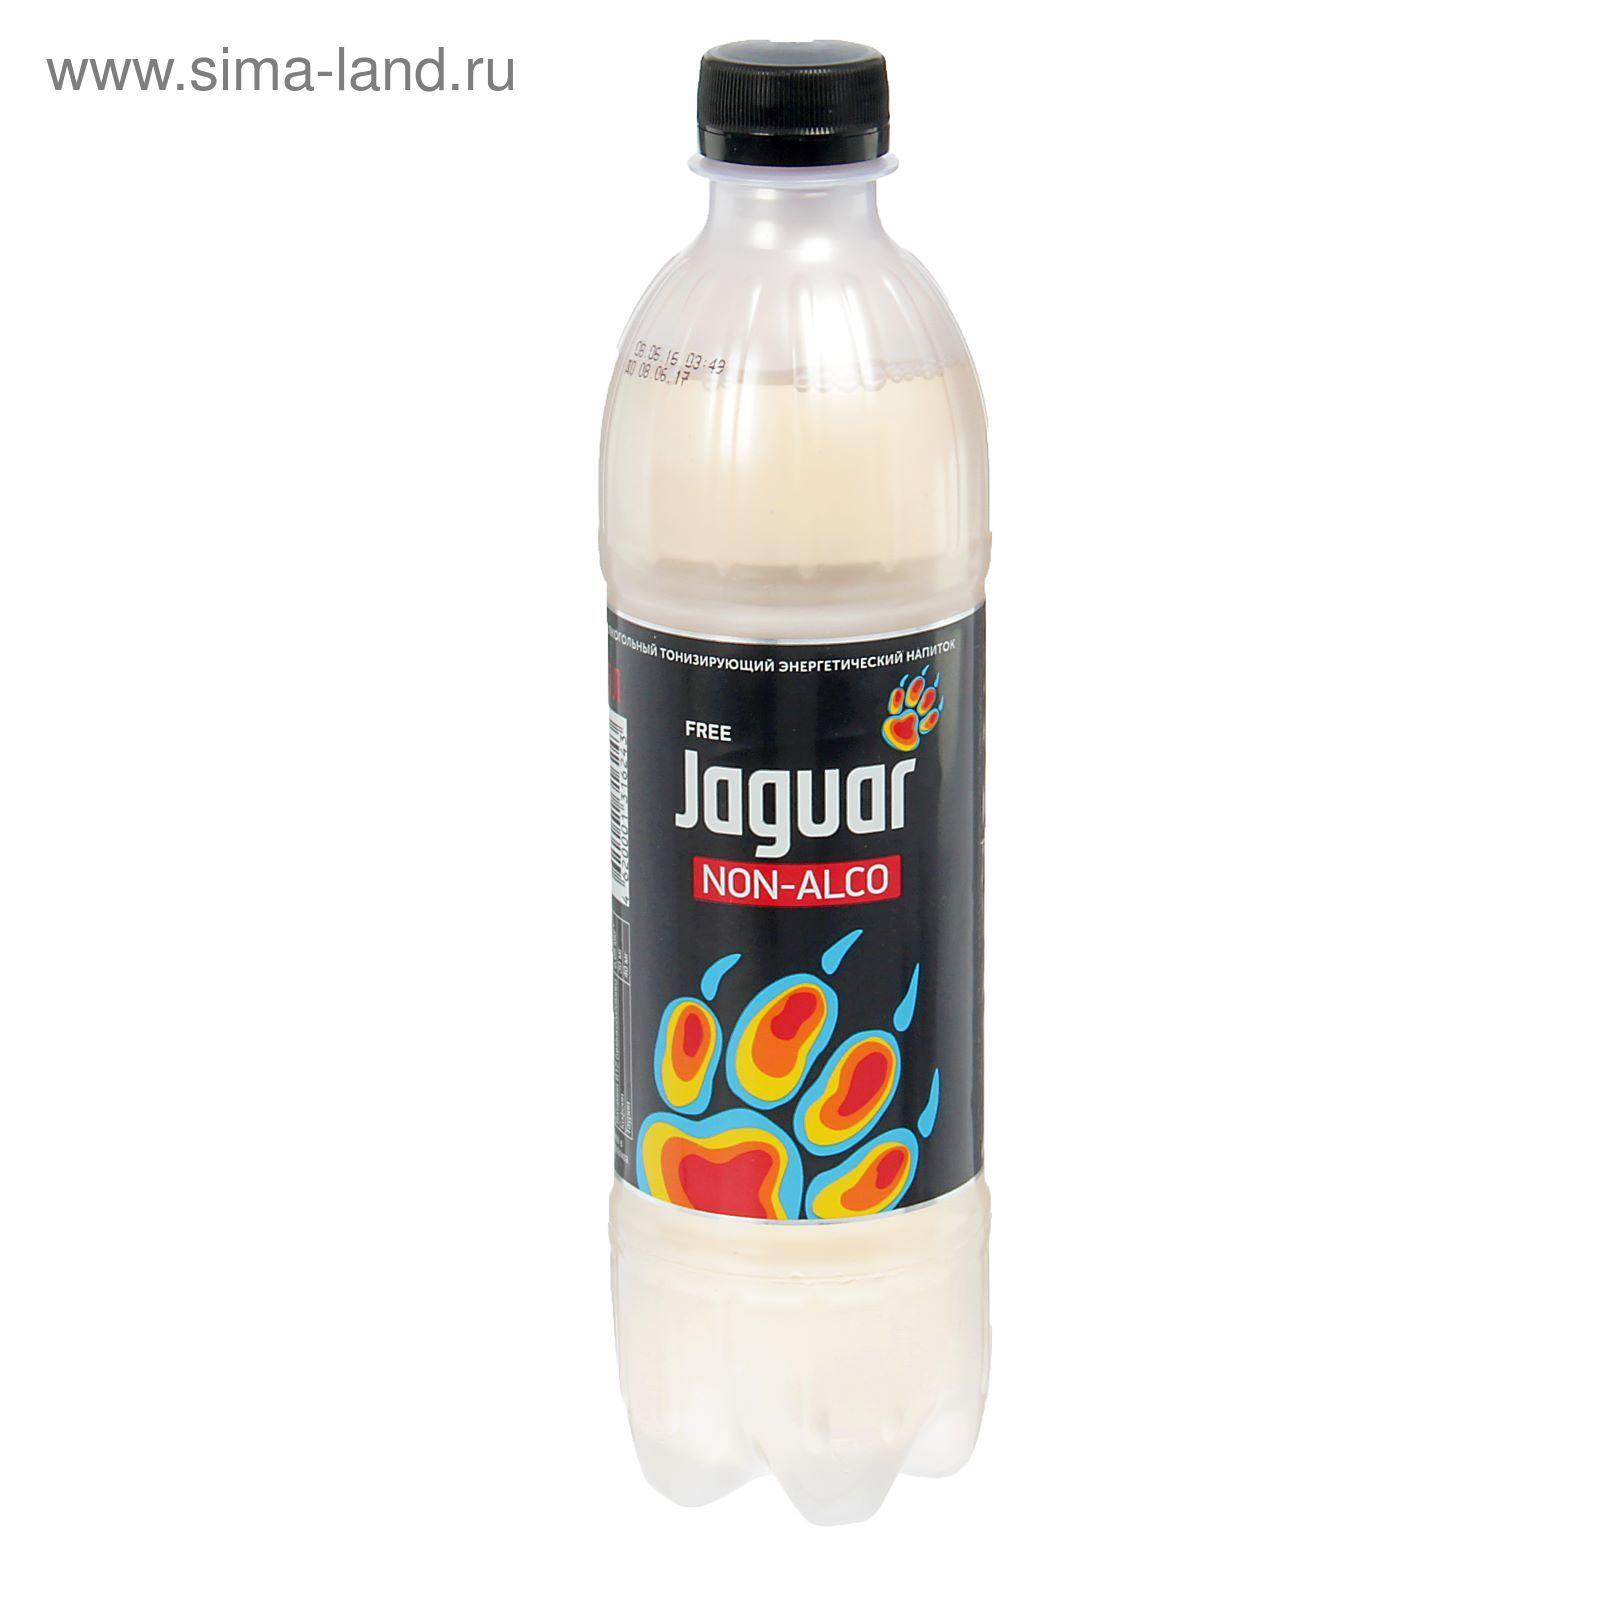 Ягуар фри напиток безалкогольный тату группа юля и лена